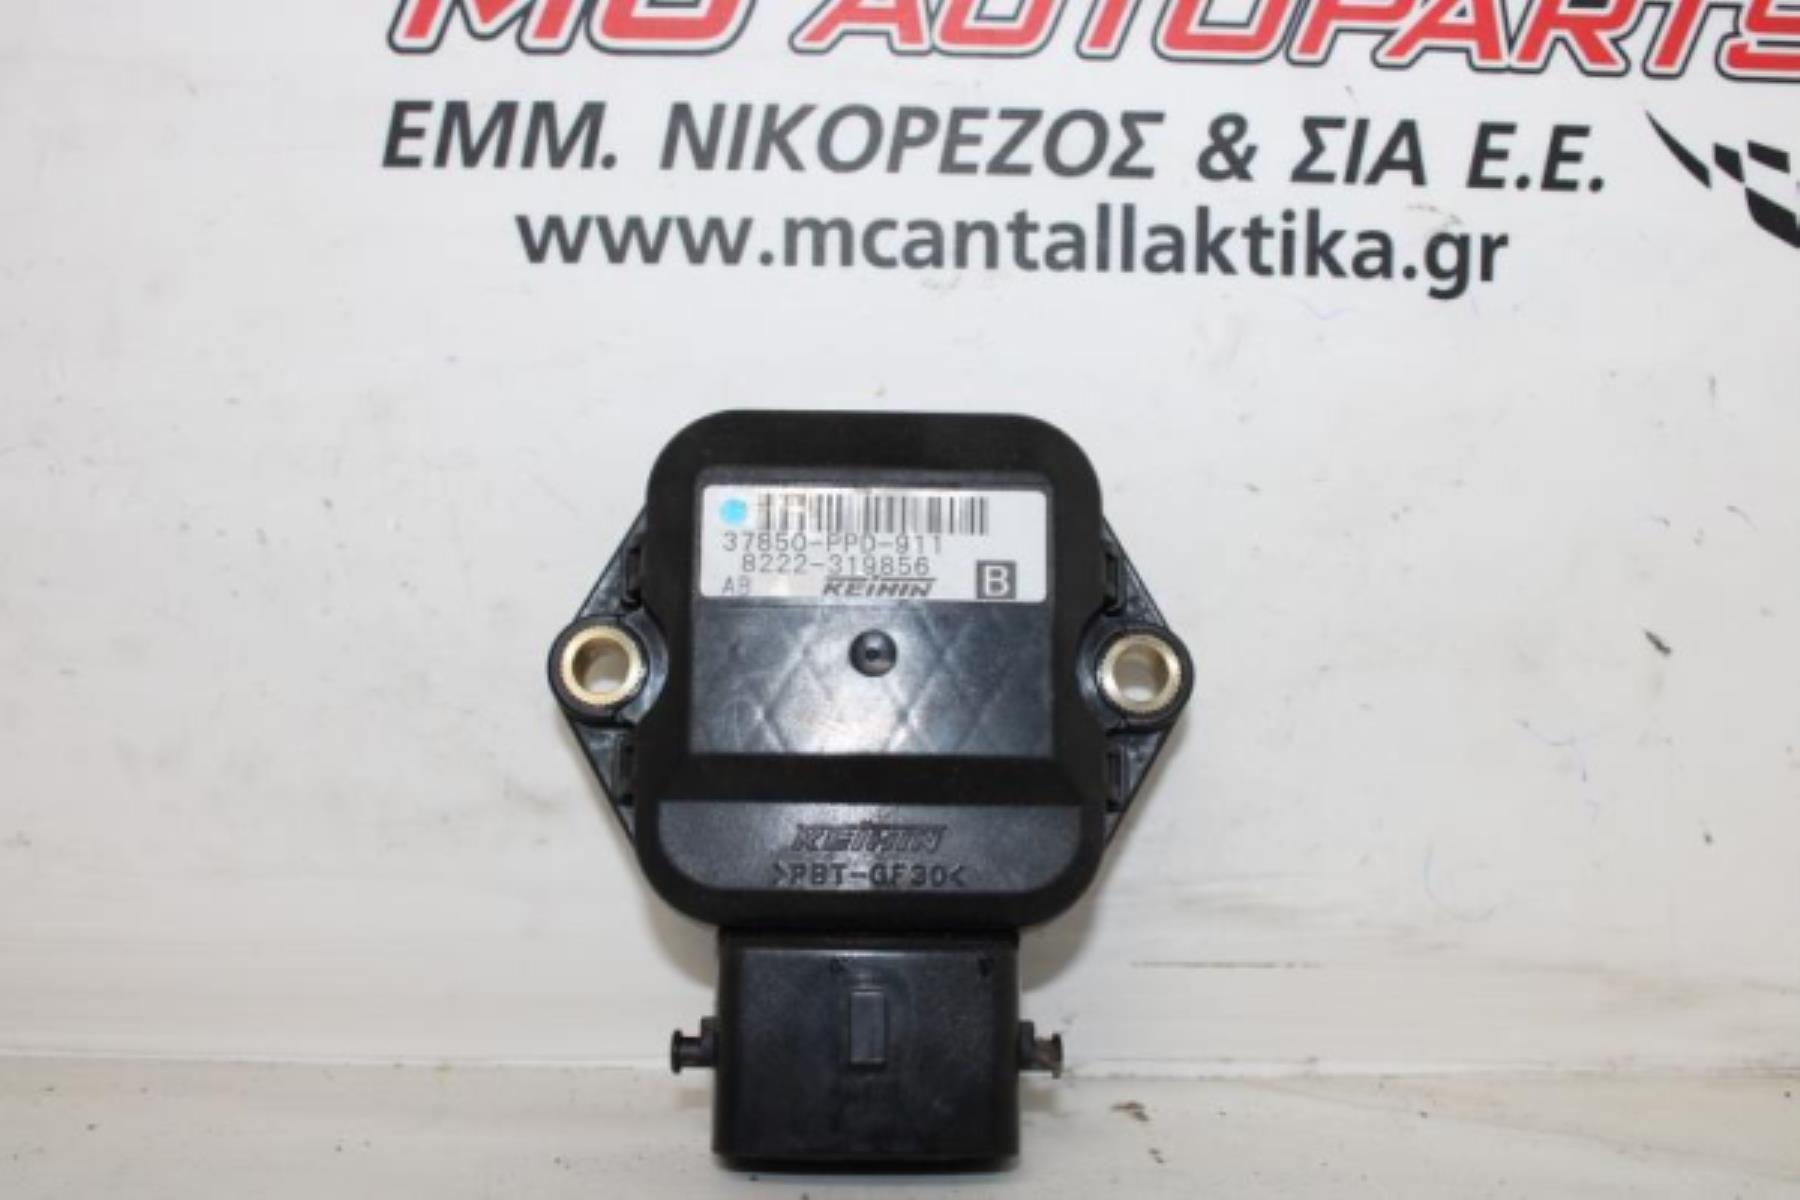 Εικόνα από Πλακέτα  HONDA CR-V (2002-2007)  37850-PPD-911   ελέγχου πεταλούδας